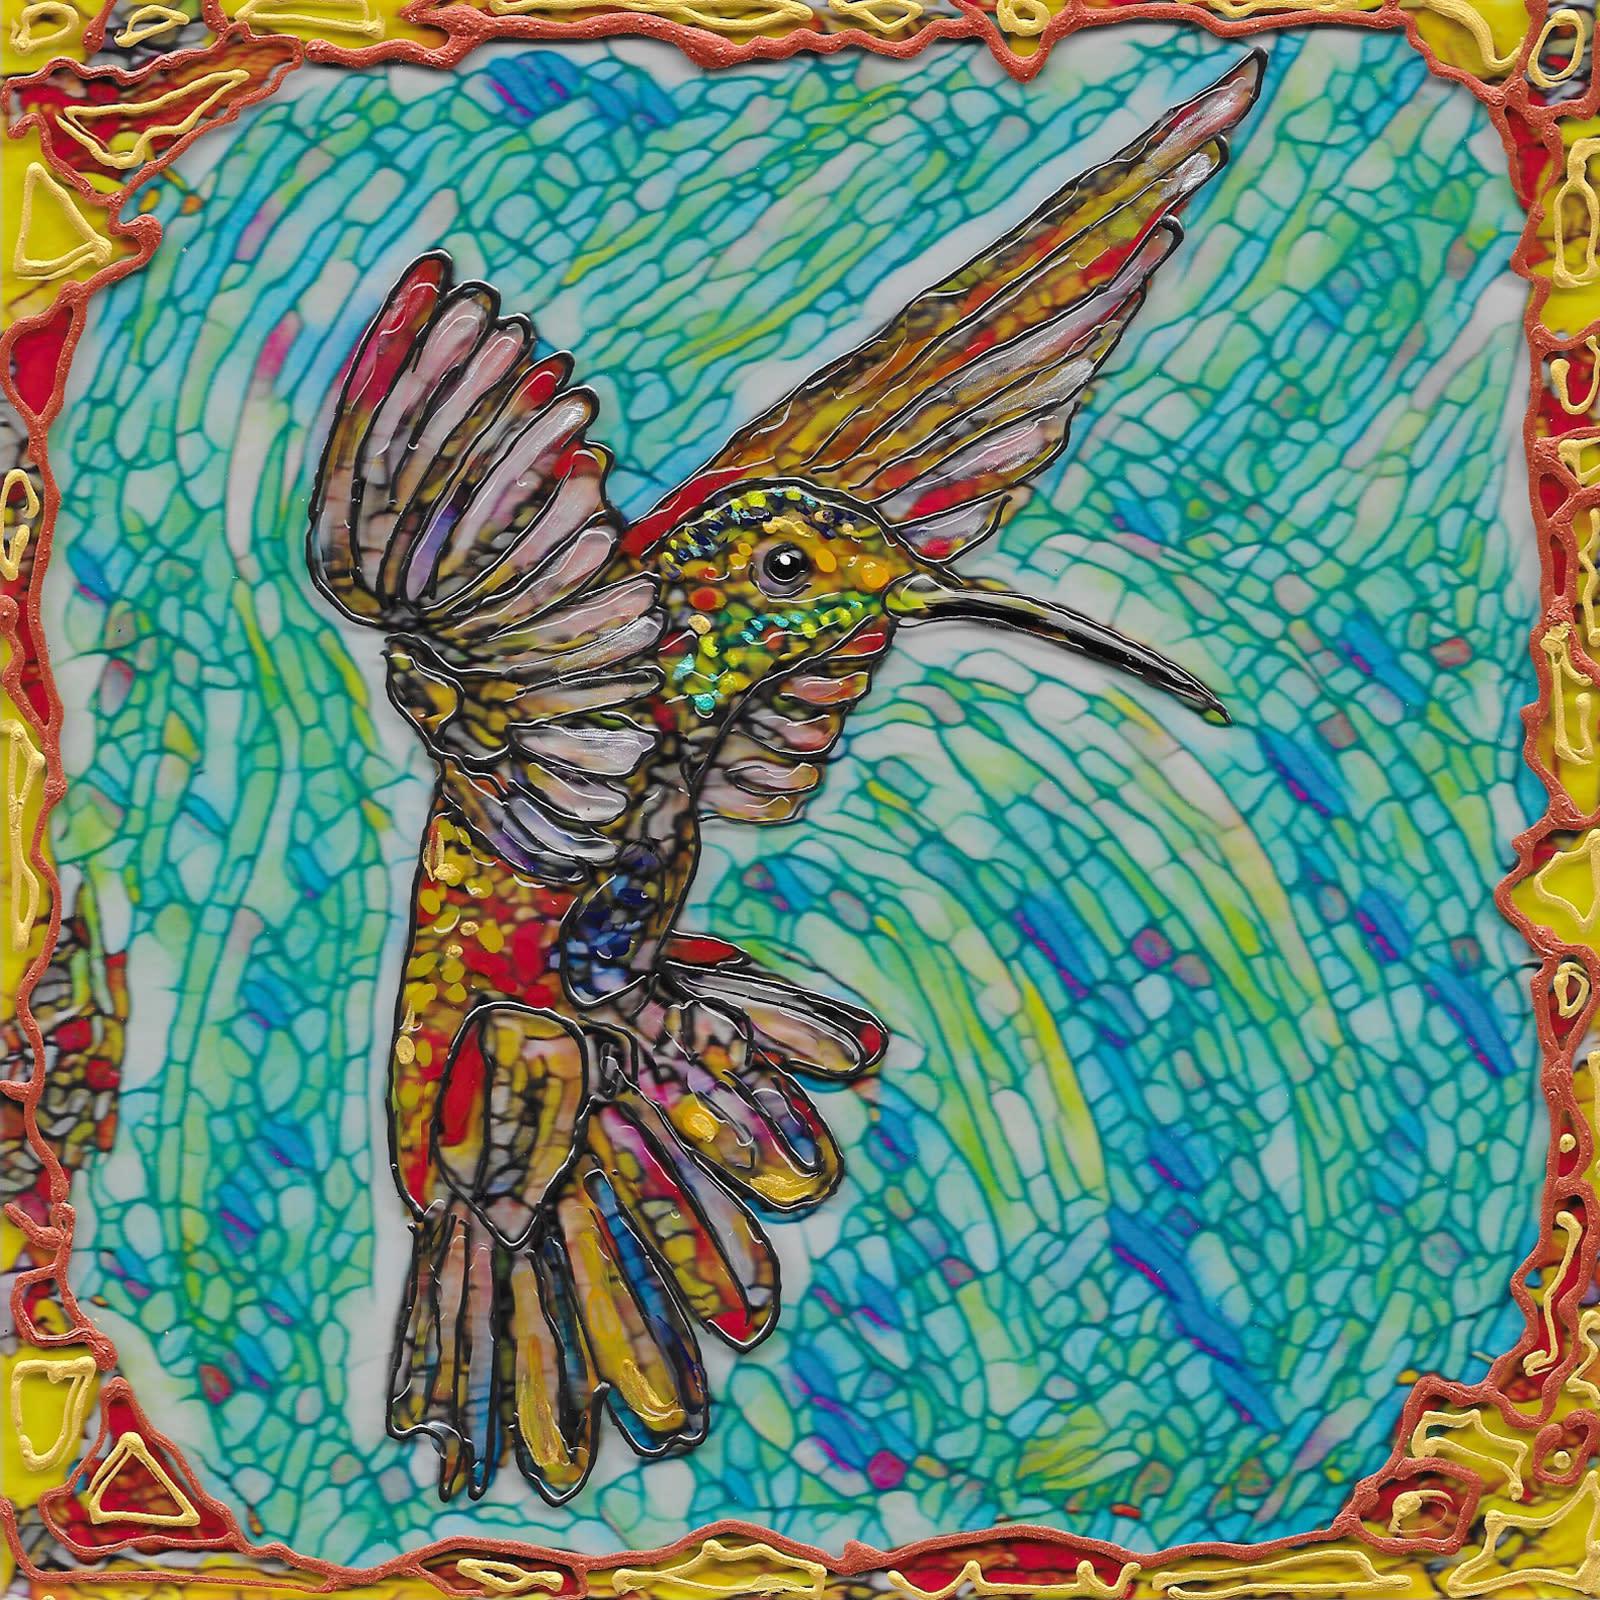 Flying hummer 2 on acrylic xodxkr